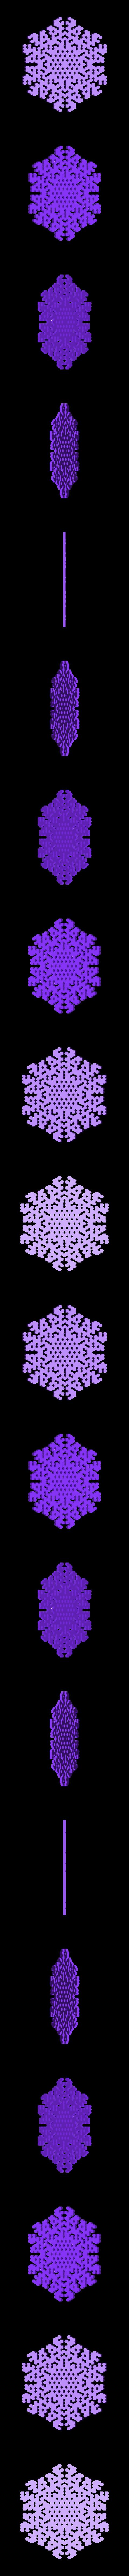 other-hex8.stl Télécharger fichier STL gratuit Automate cellulaire BlocsGénérateur de flocons de neige CAO • Design imprimable en 3D, arpruss